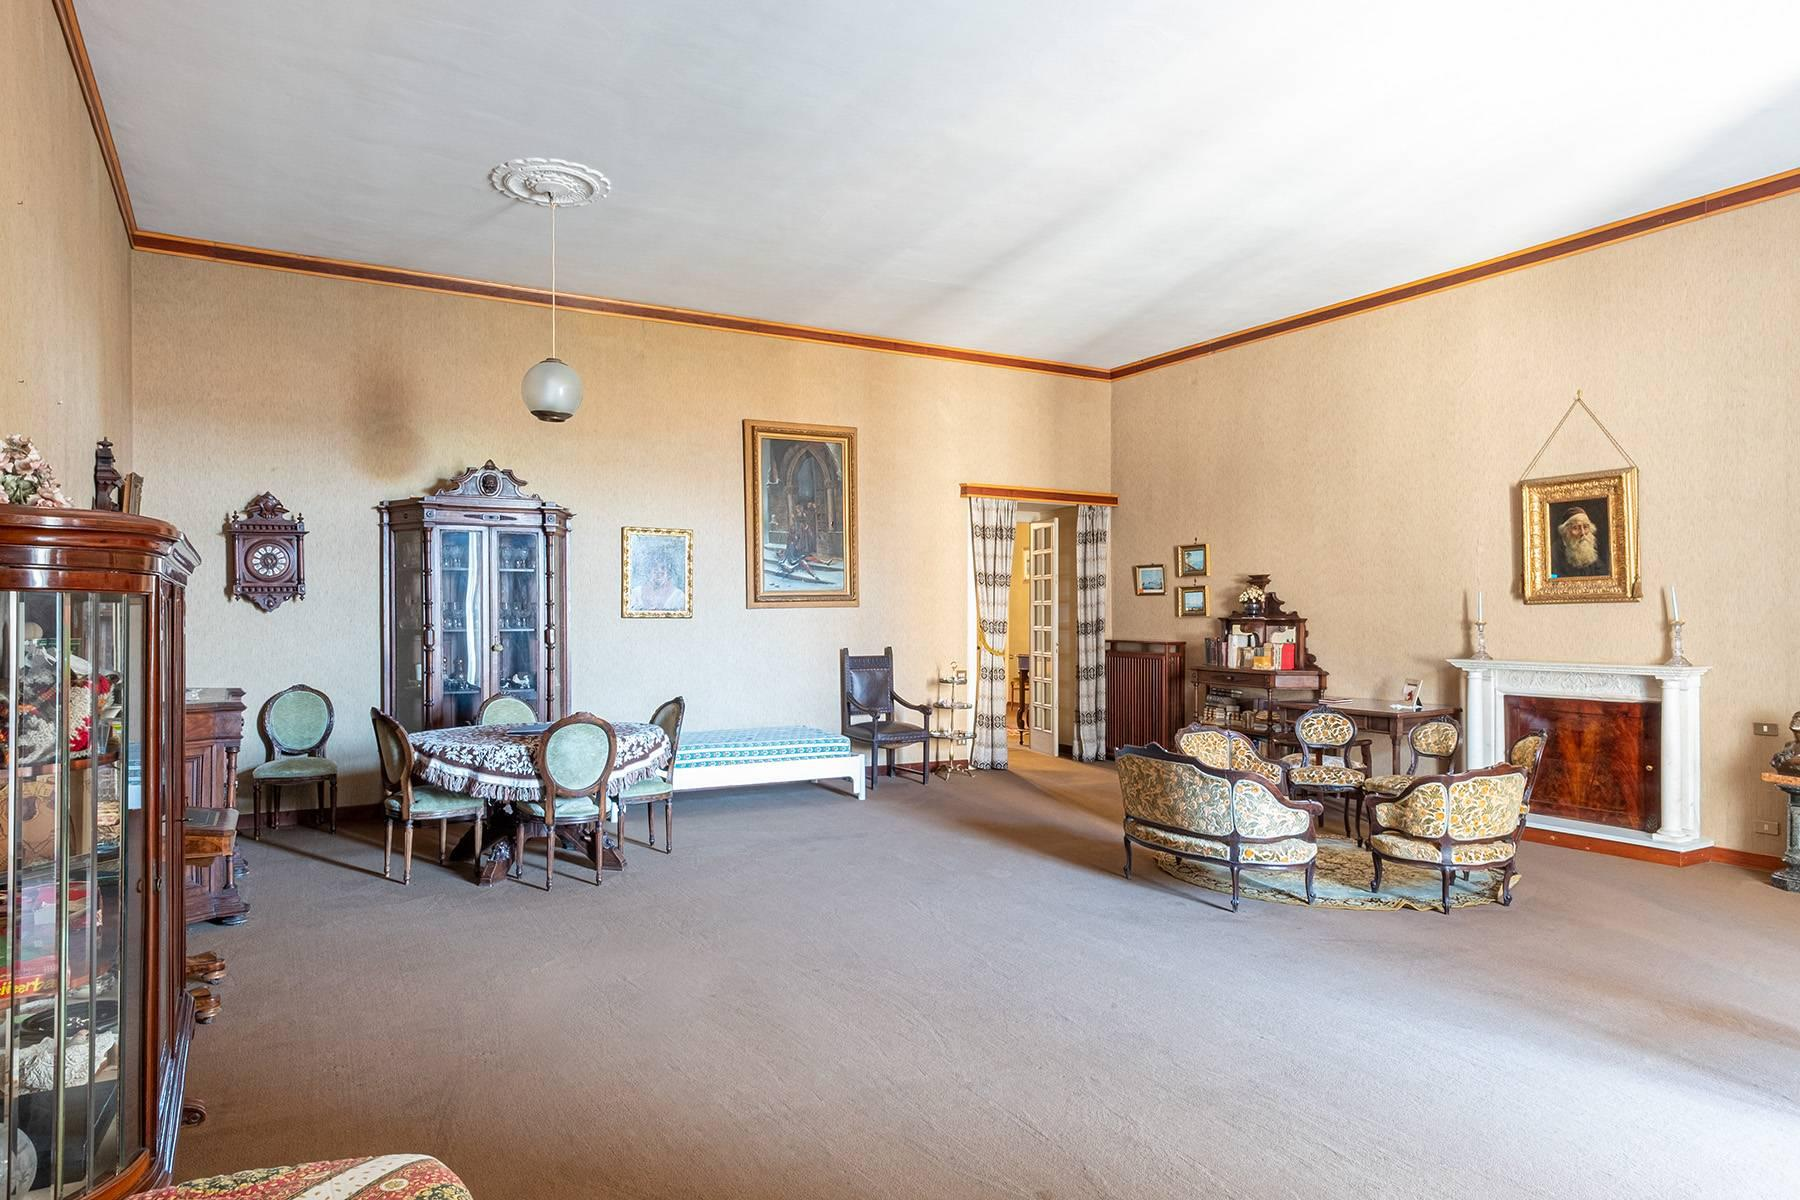 Prächtige repräsentative Wohnung in einer historischen Residenz - 10